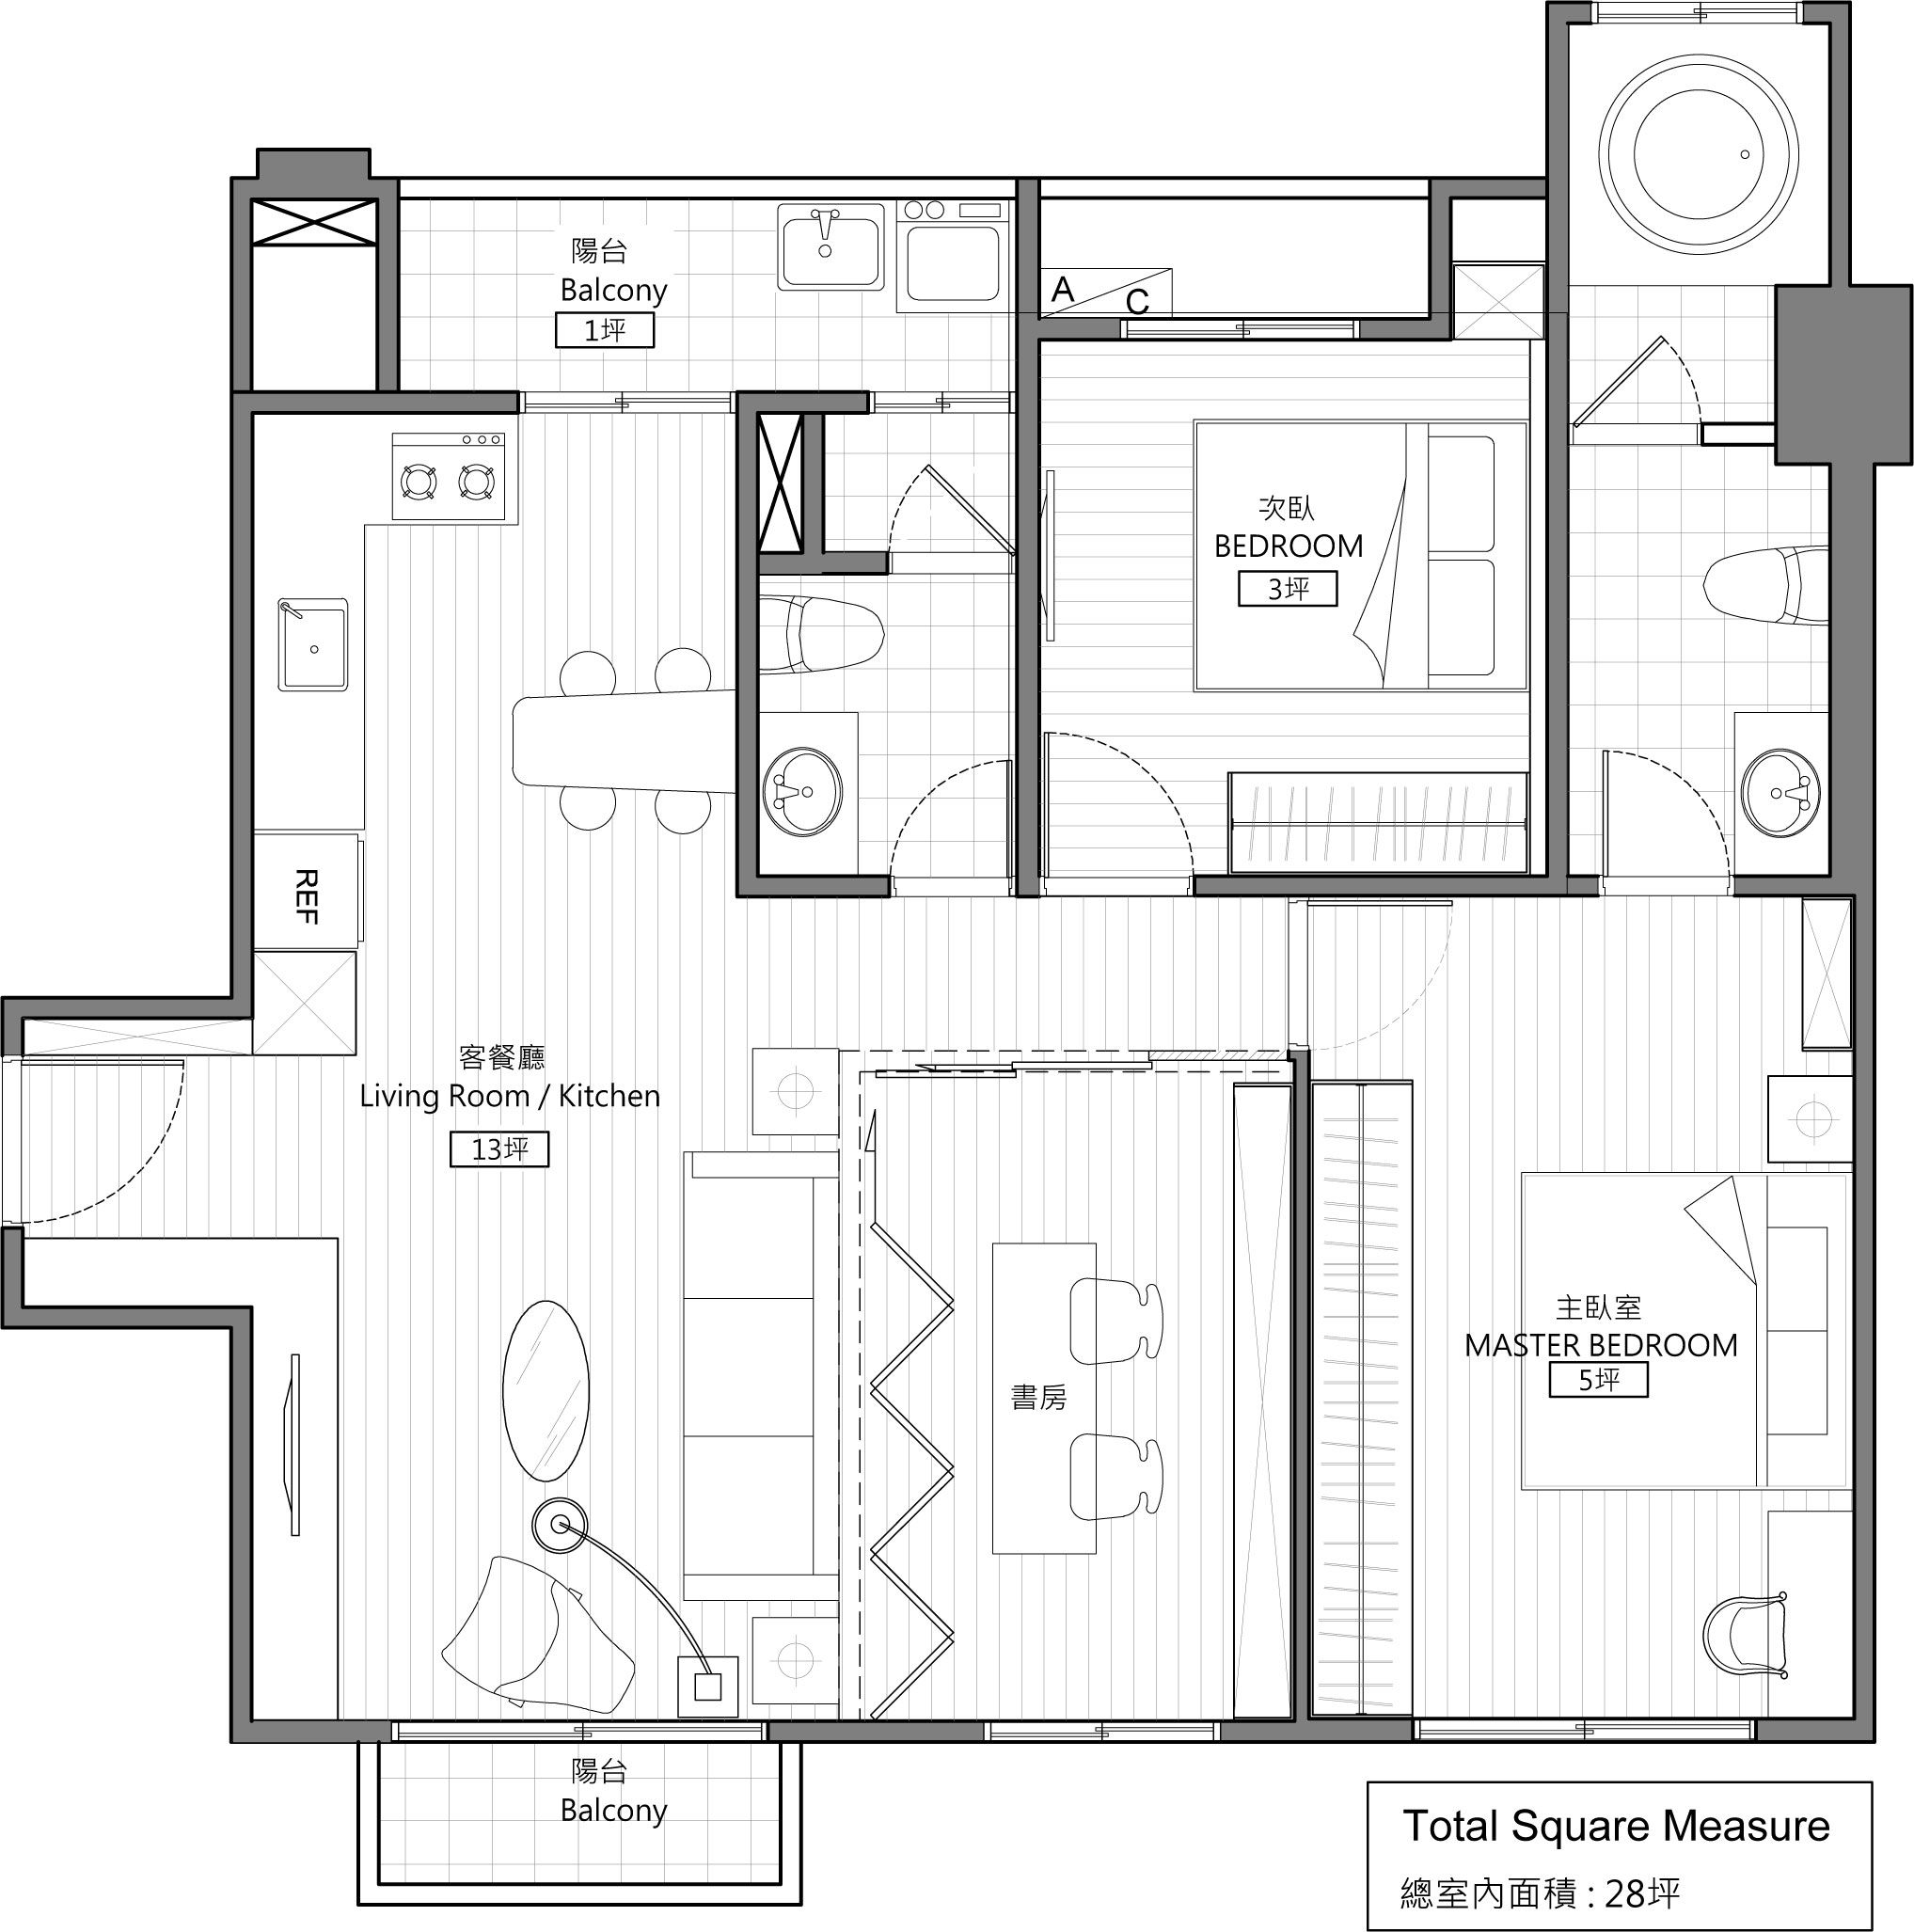 Ba os medidas planos for Diseno de oficinas pequenas planos